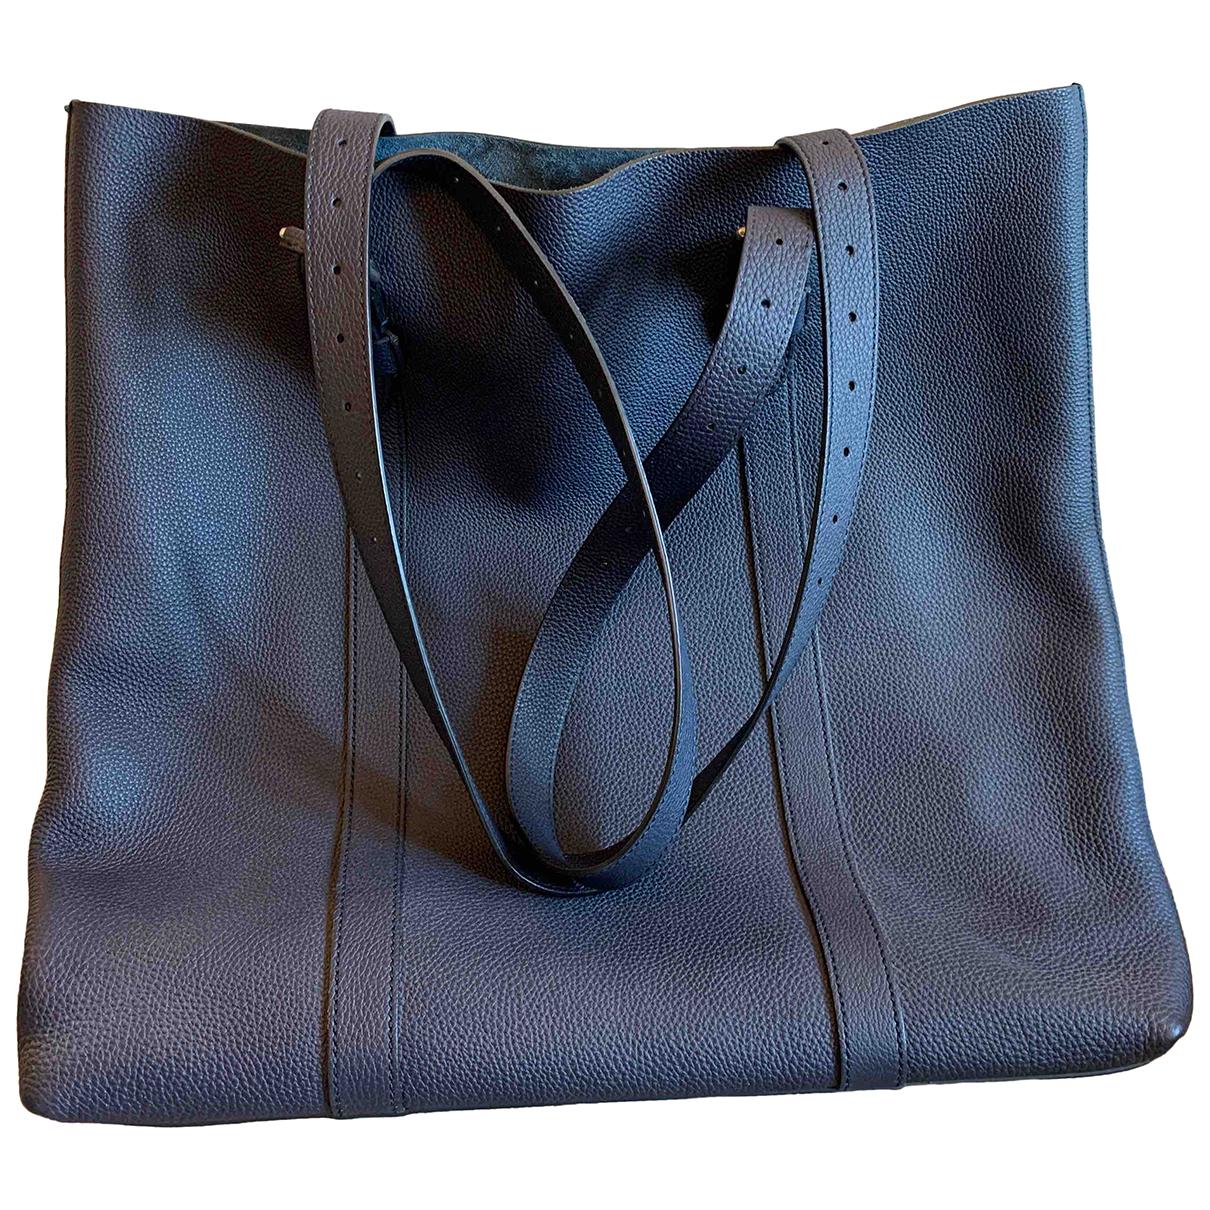 Gucci - Sac   pour homme en cuir - bleu